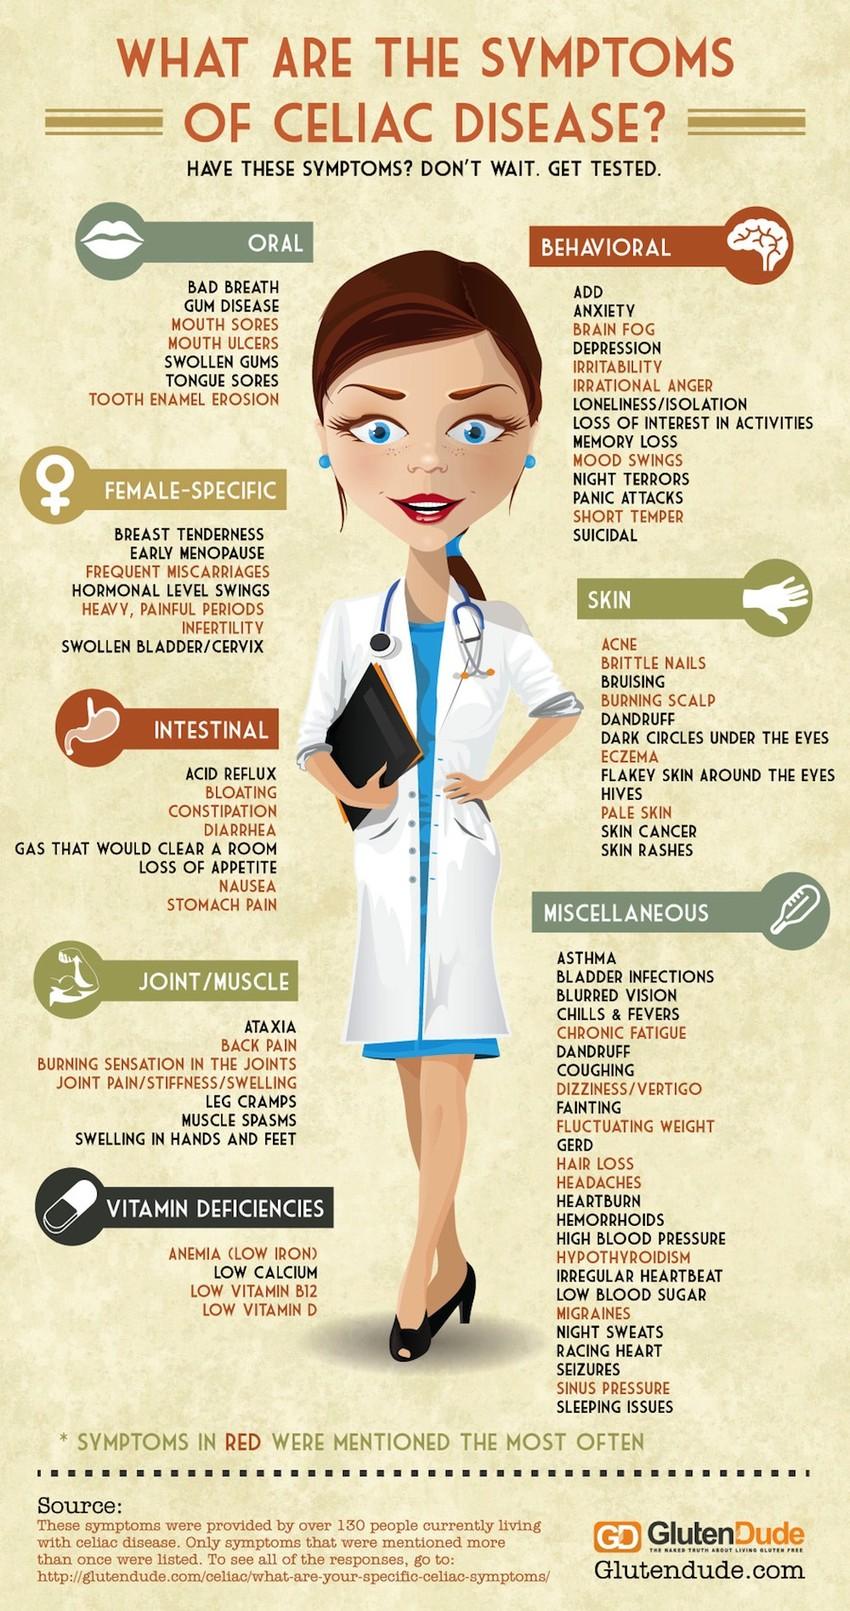 Симптоми на целијакија или нетолерантност на глутен